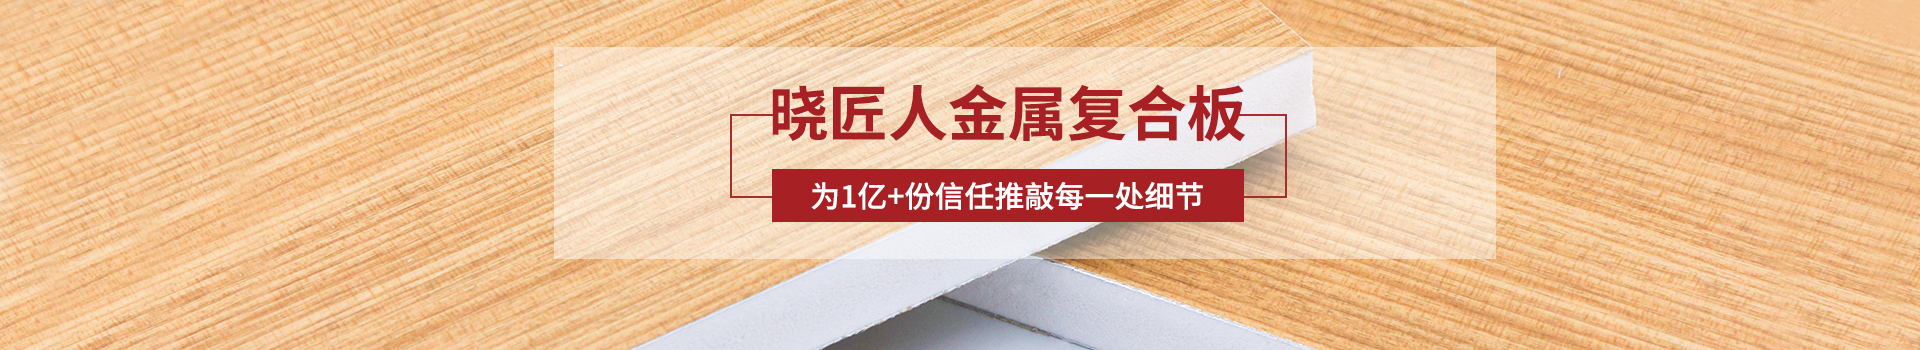 产品中心海报